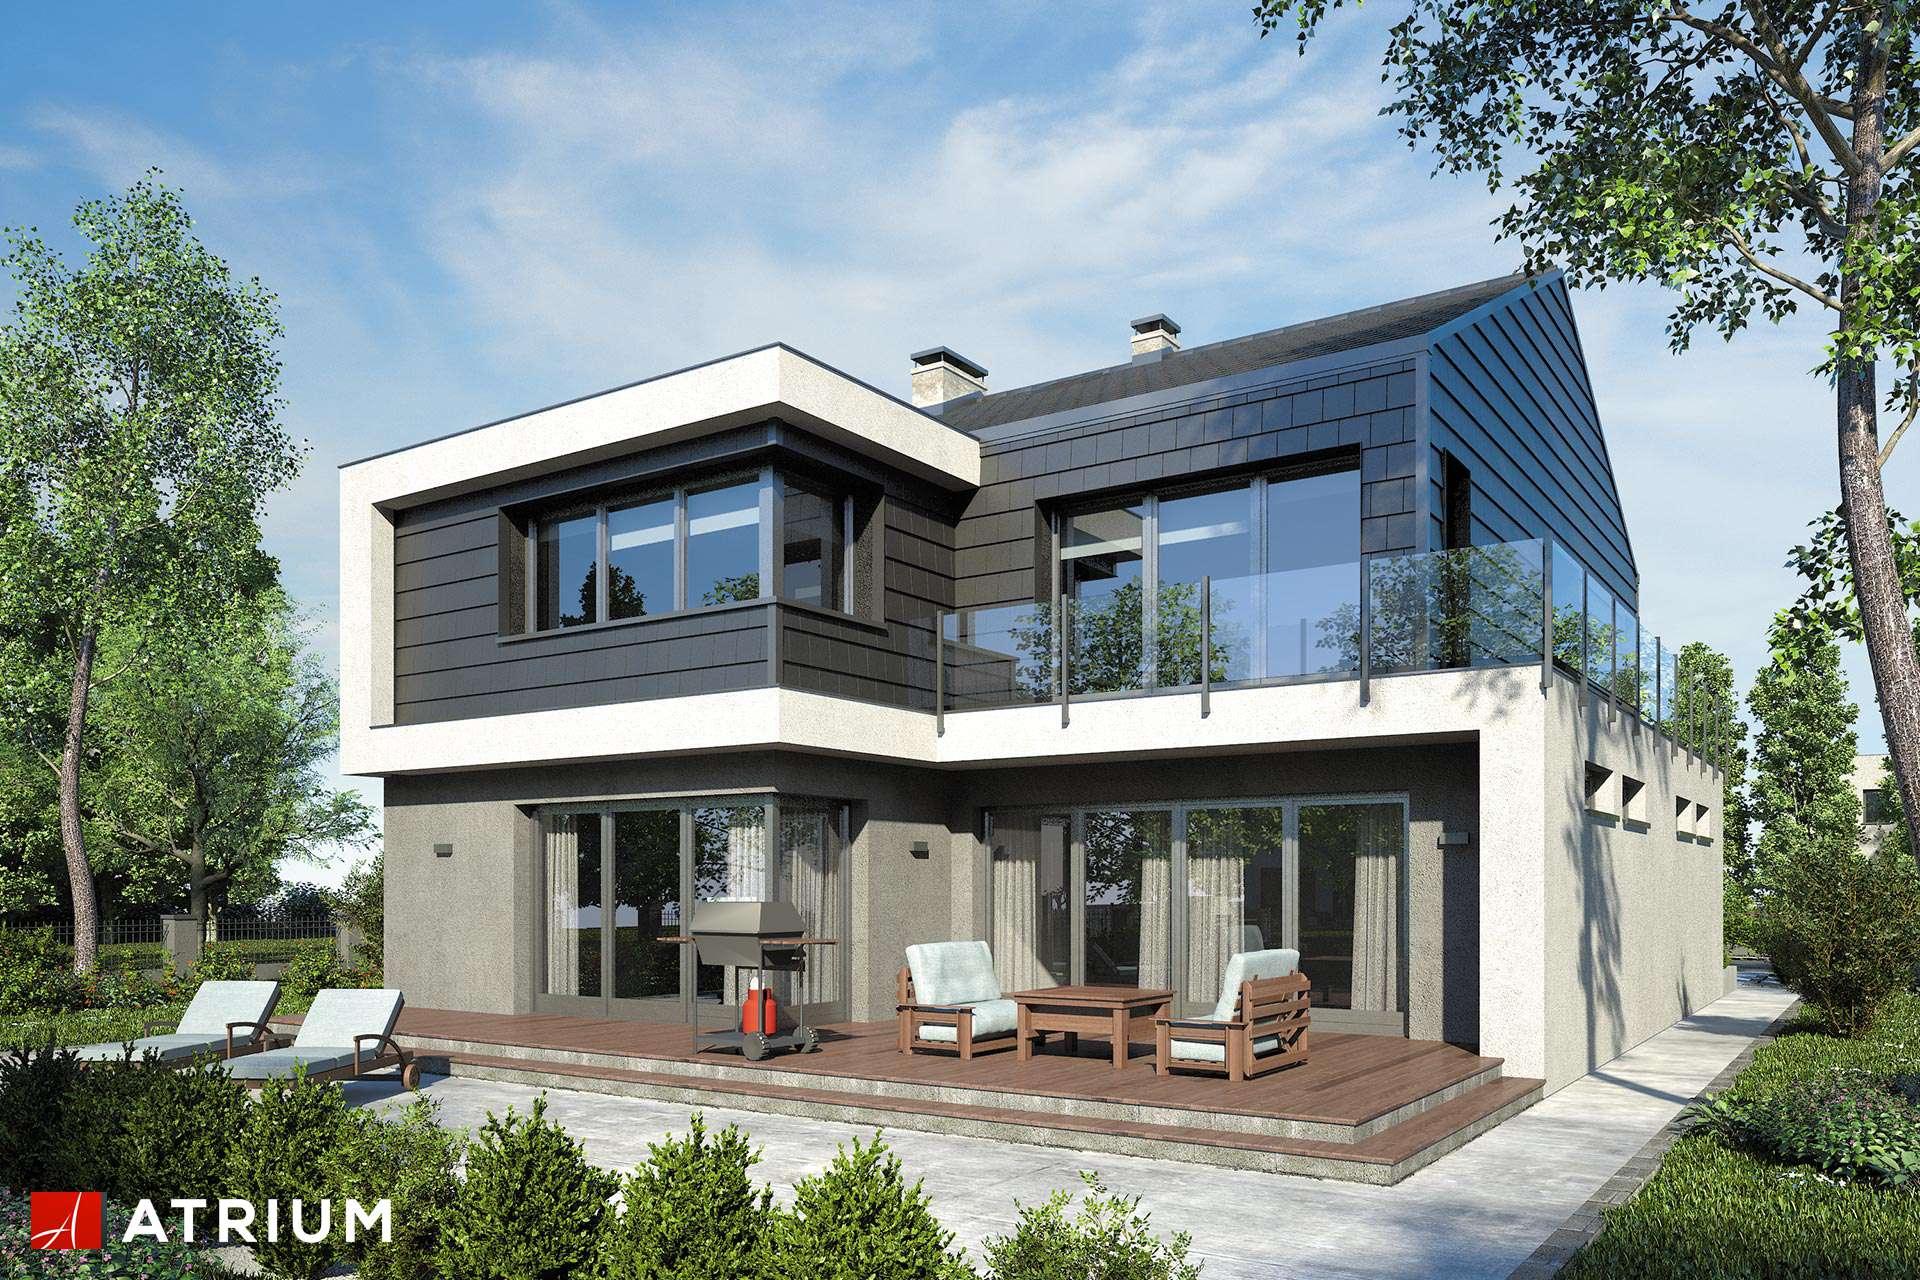 New House Ii Nowoczesny Piętrowy Dom Z Dwuspadowym Dachem I 4